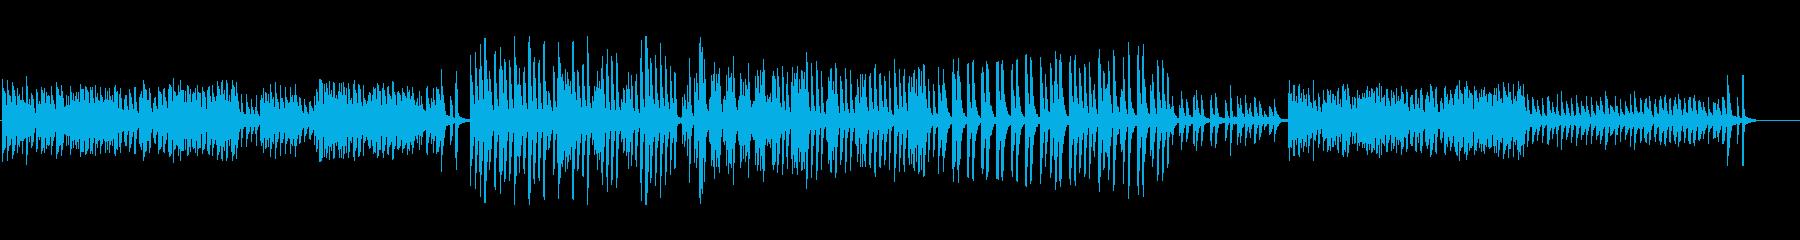 奇妙で軽やかなマリンバ系BGMの再生済みの波形